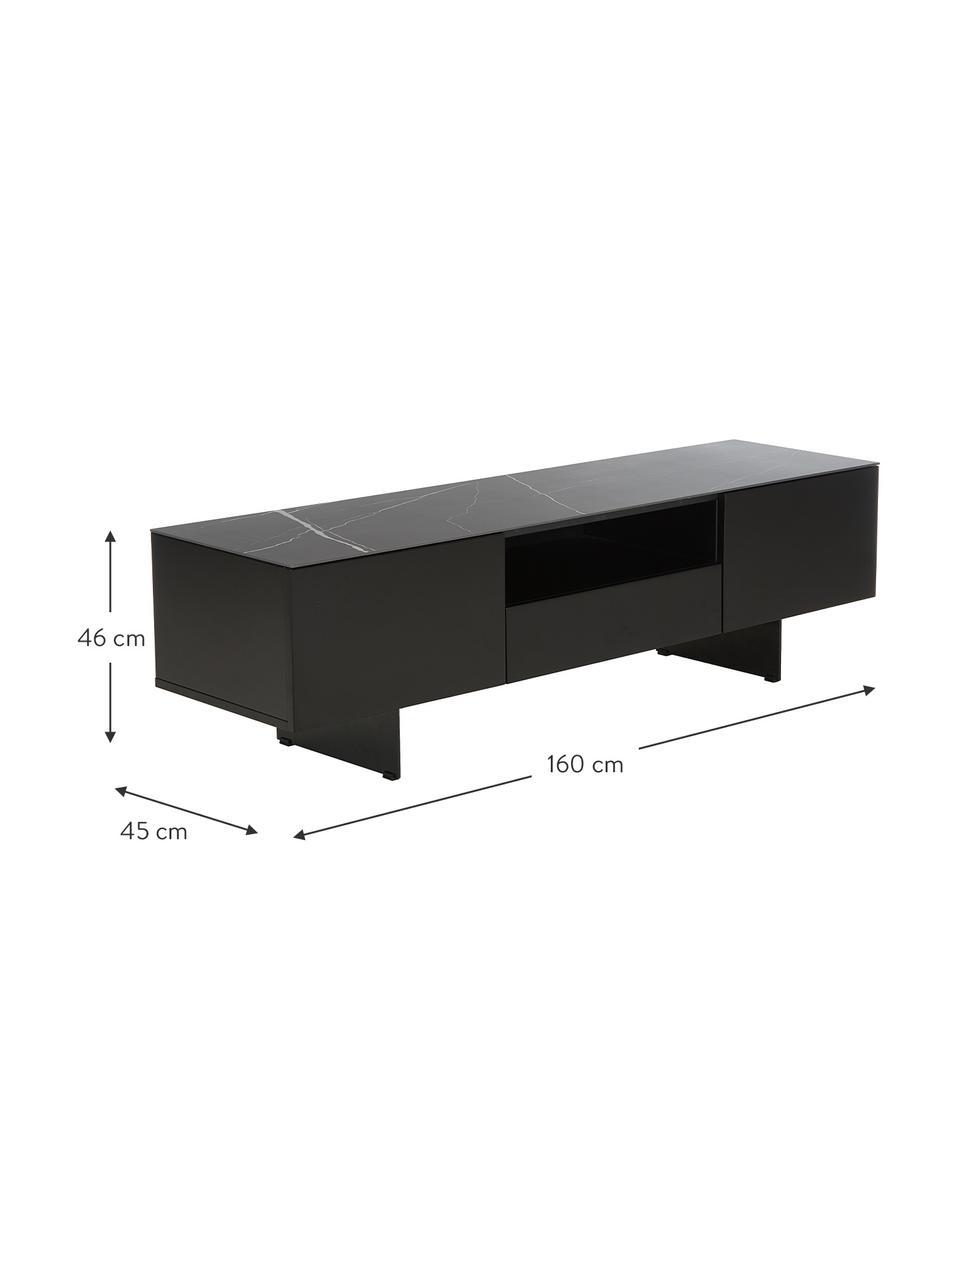 Schwarzes TV-Lowboard Fiona mit Oberfläche in Marmor-Optik, Korpus: Mitteldichte Holzfaserpla, Füße: Metall, pulverbeschichtet, Ablagefläche: Keramik, Korpus: Schwarz, mattFüße: Schwarz, mattAblagefläche: Schwarz, marmoriert, 160 x 46 cm